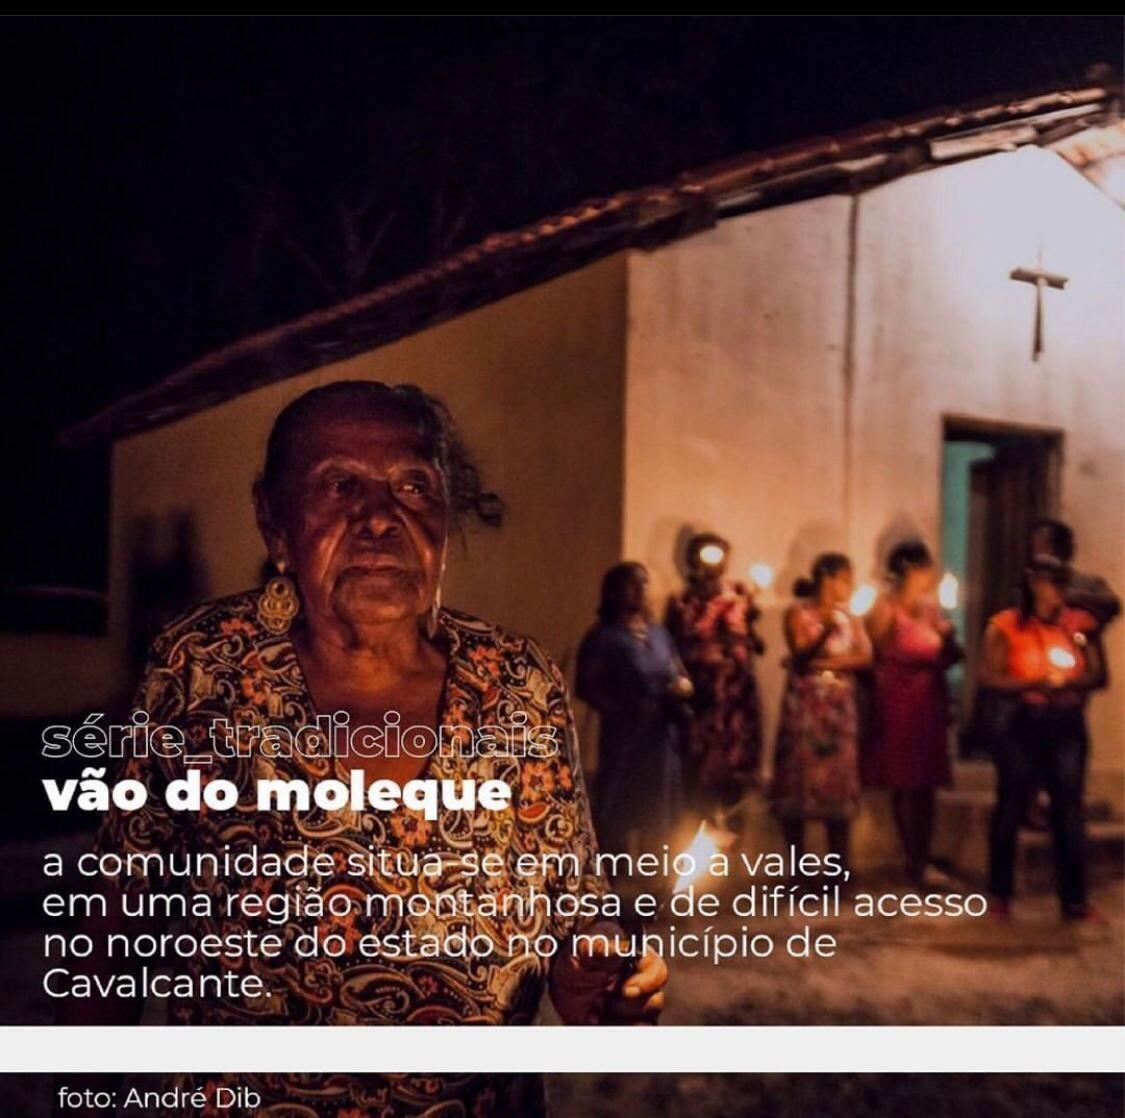 Comunidade Quilombola Vão do Moleque